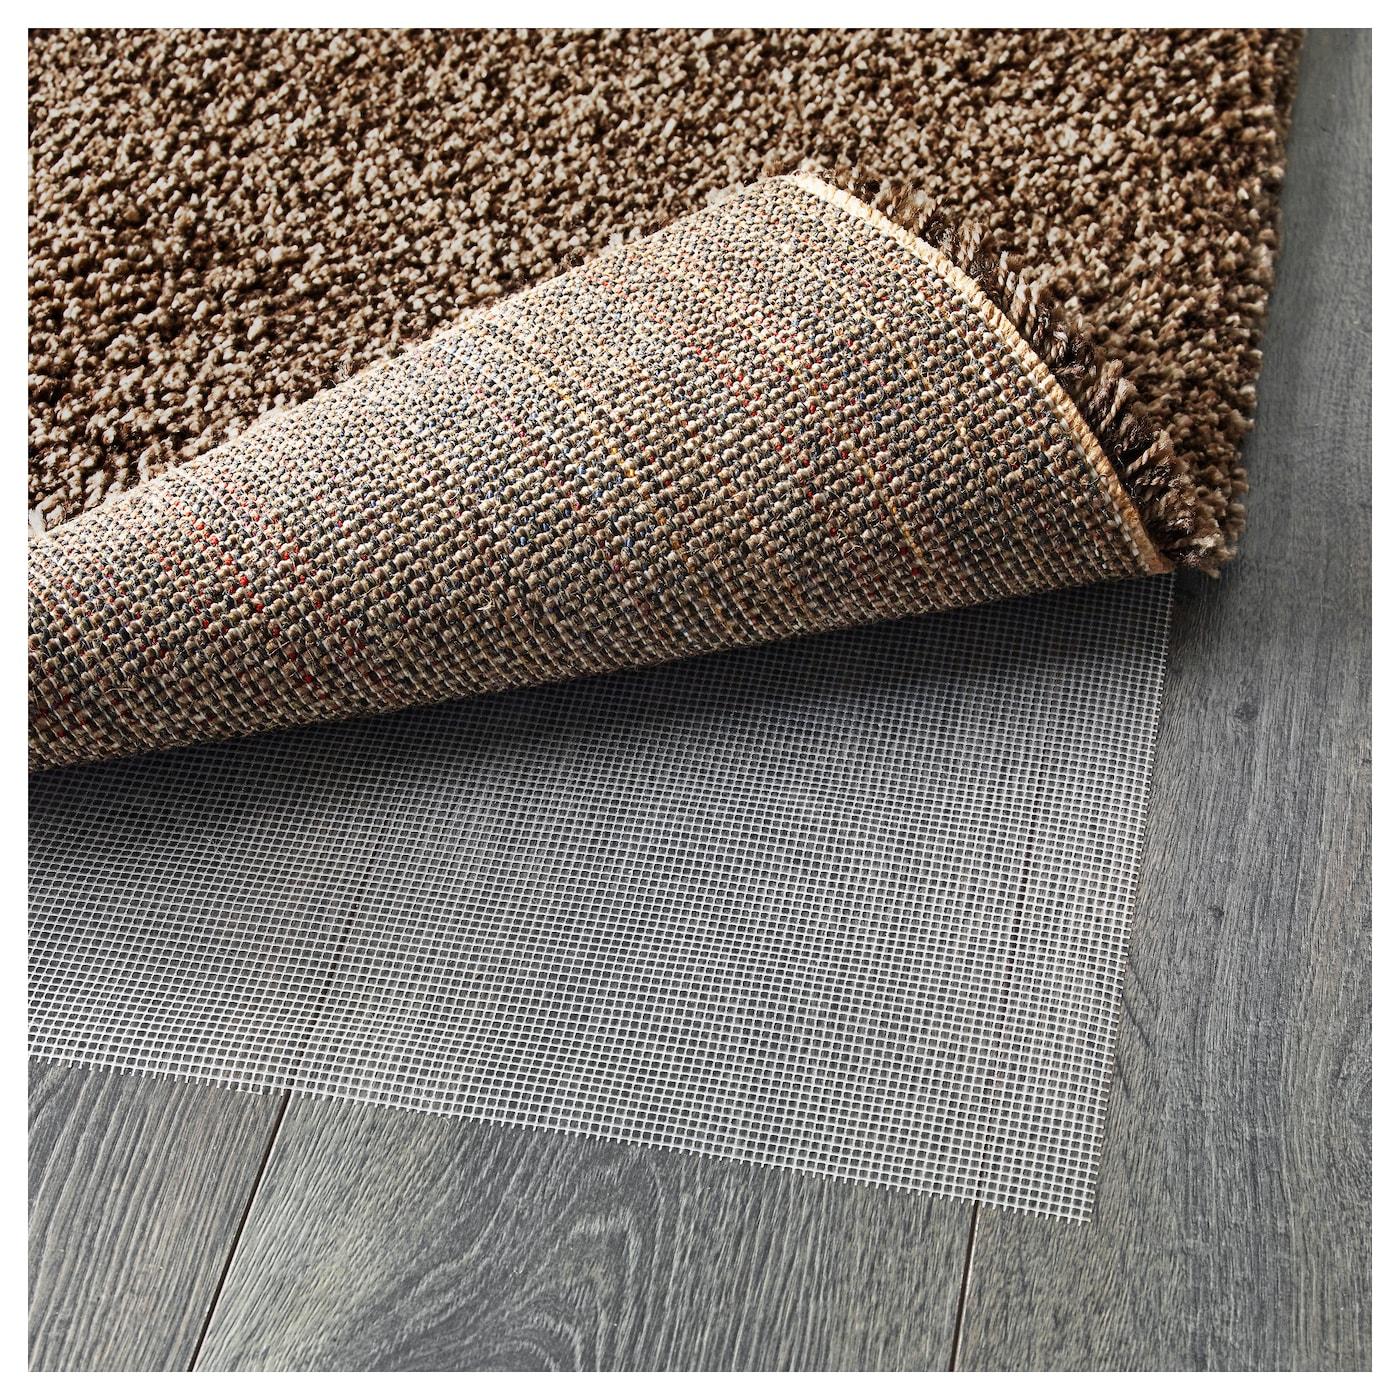 Ikea Adum Rug Dark Grey: ÅDUM Rug, High Pile Light Brown 200x300 Cm